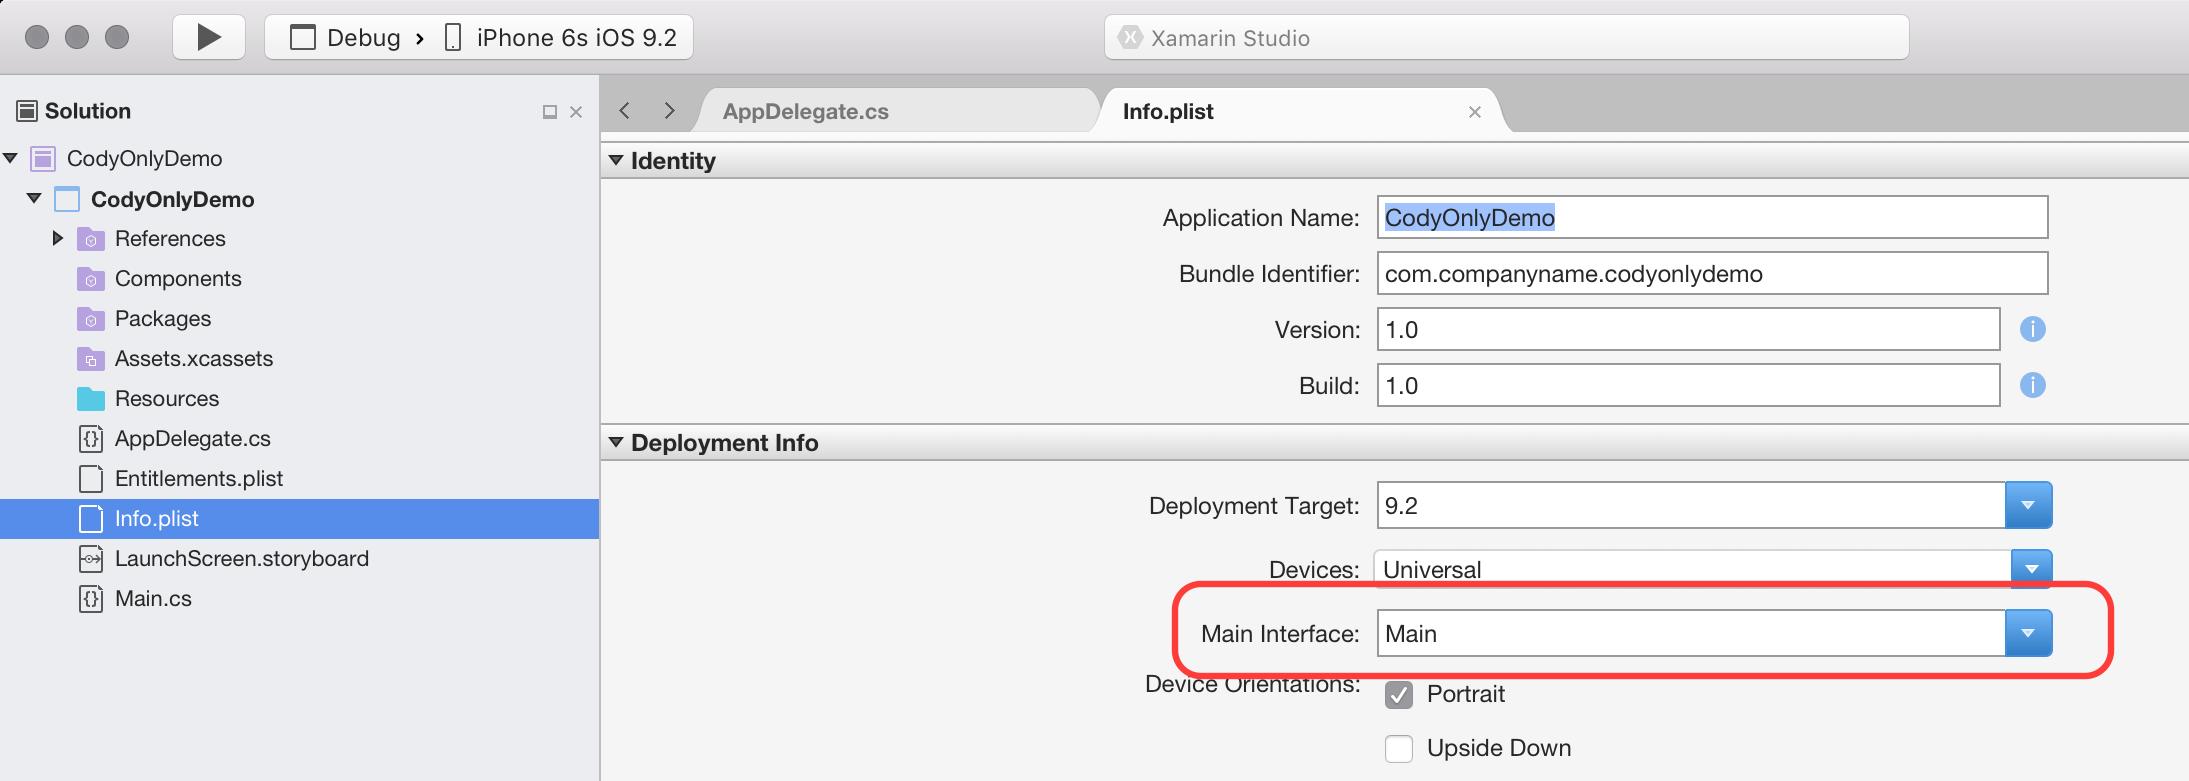 Erstellen von iOS-Benutzeroberflächen in Code - Xamarin | Microsoft Docs